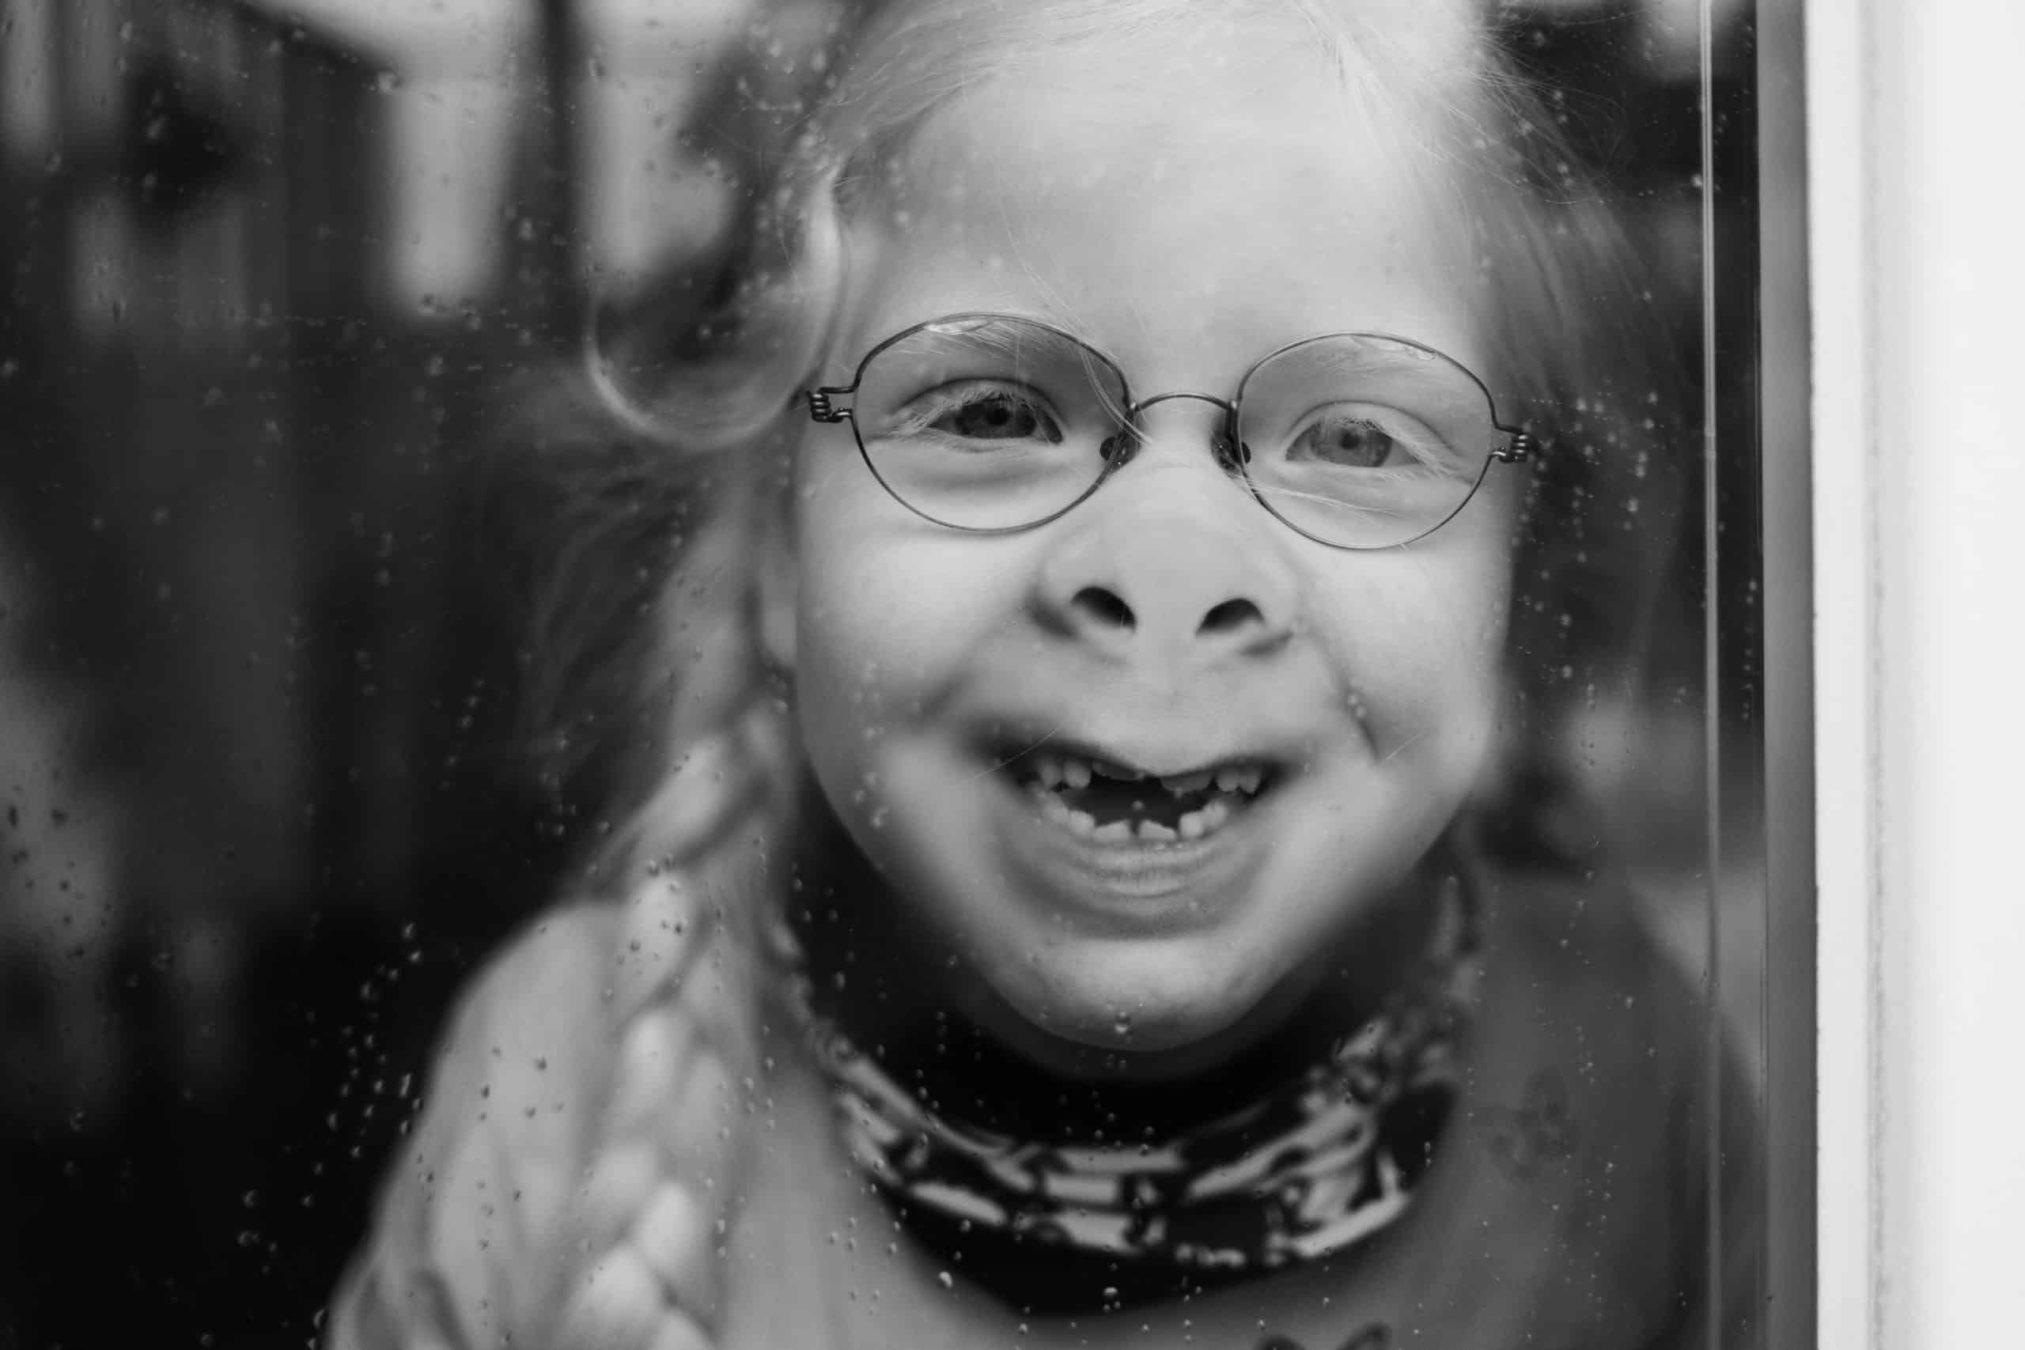 ein Mädchen mit Brille und 2 Zöpfen drückt ihr Gesicht gegen eine Fensterscheibe, sie hat dadurch eine platte Nase